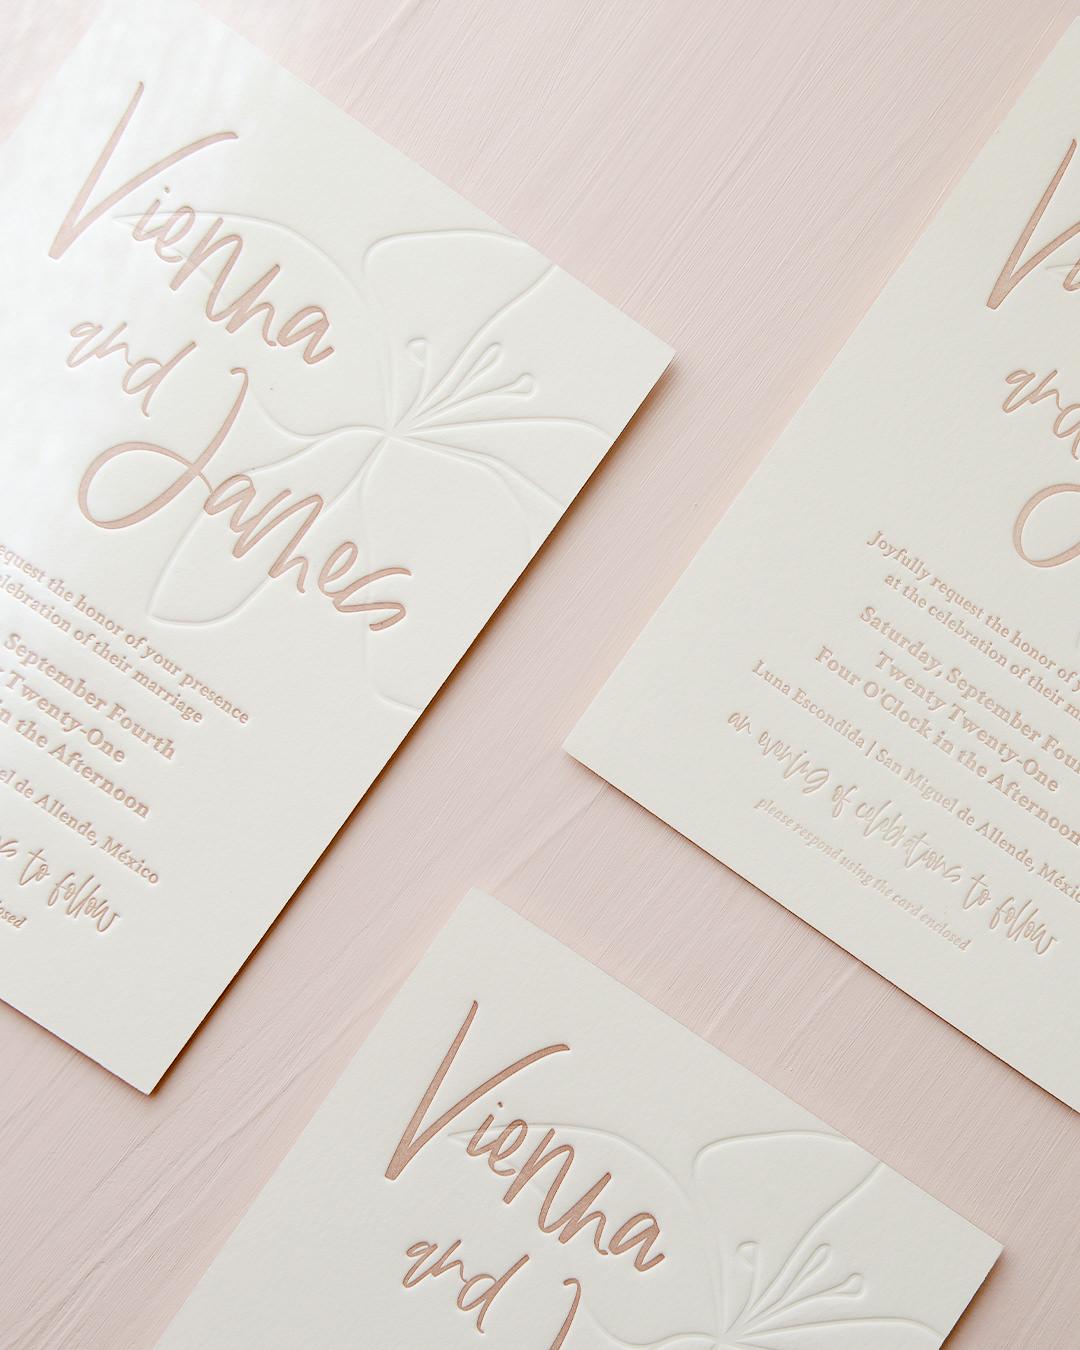 Modern & Minimal Letterpress Wedding Invite with Blind Emboss Flower